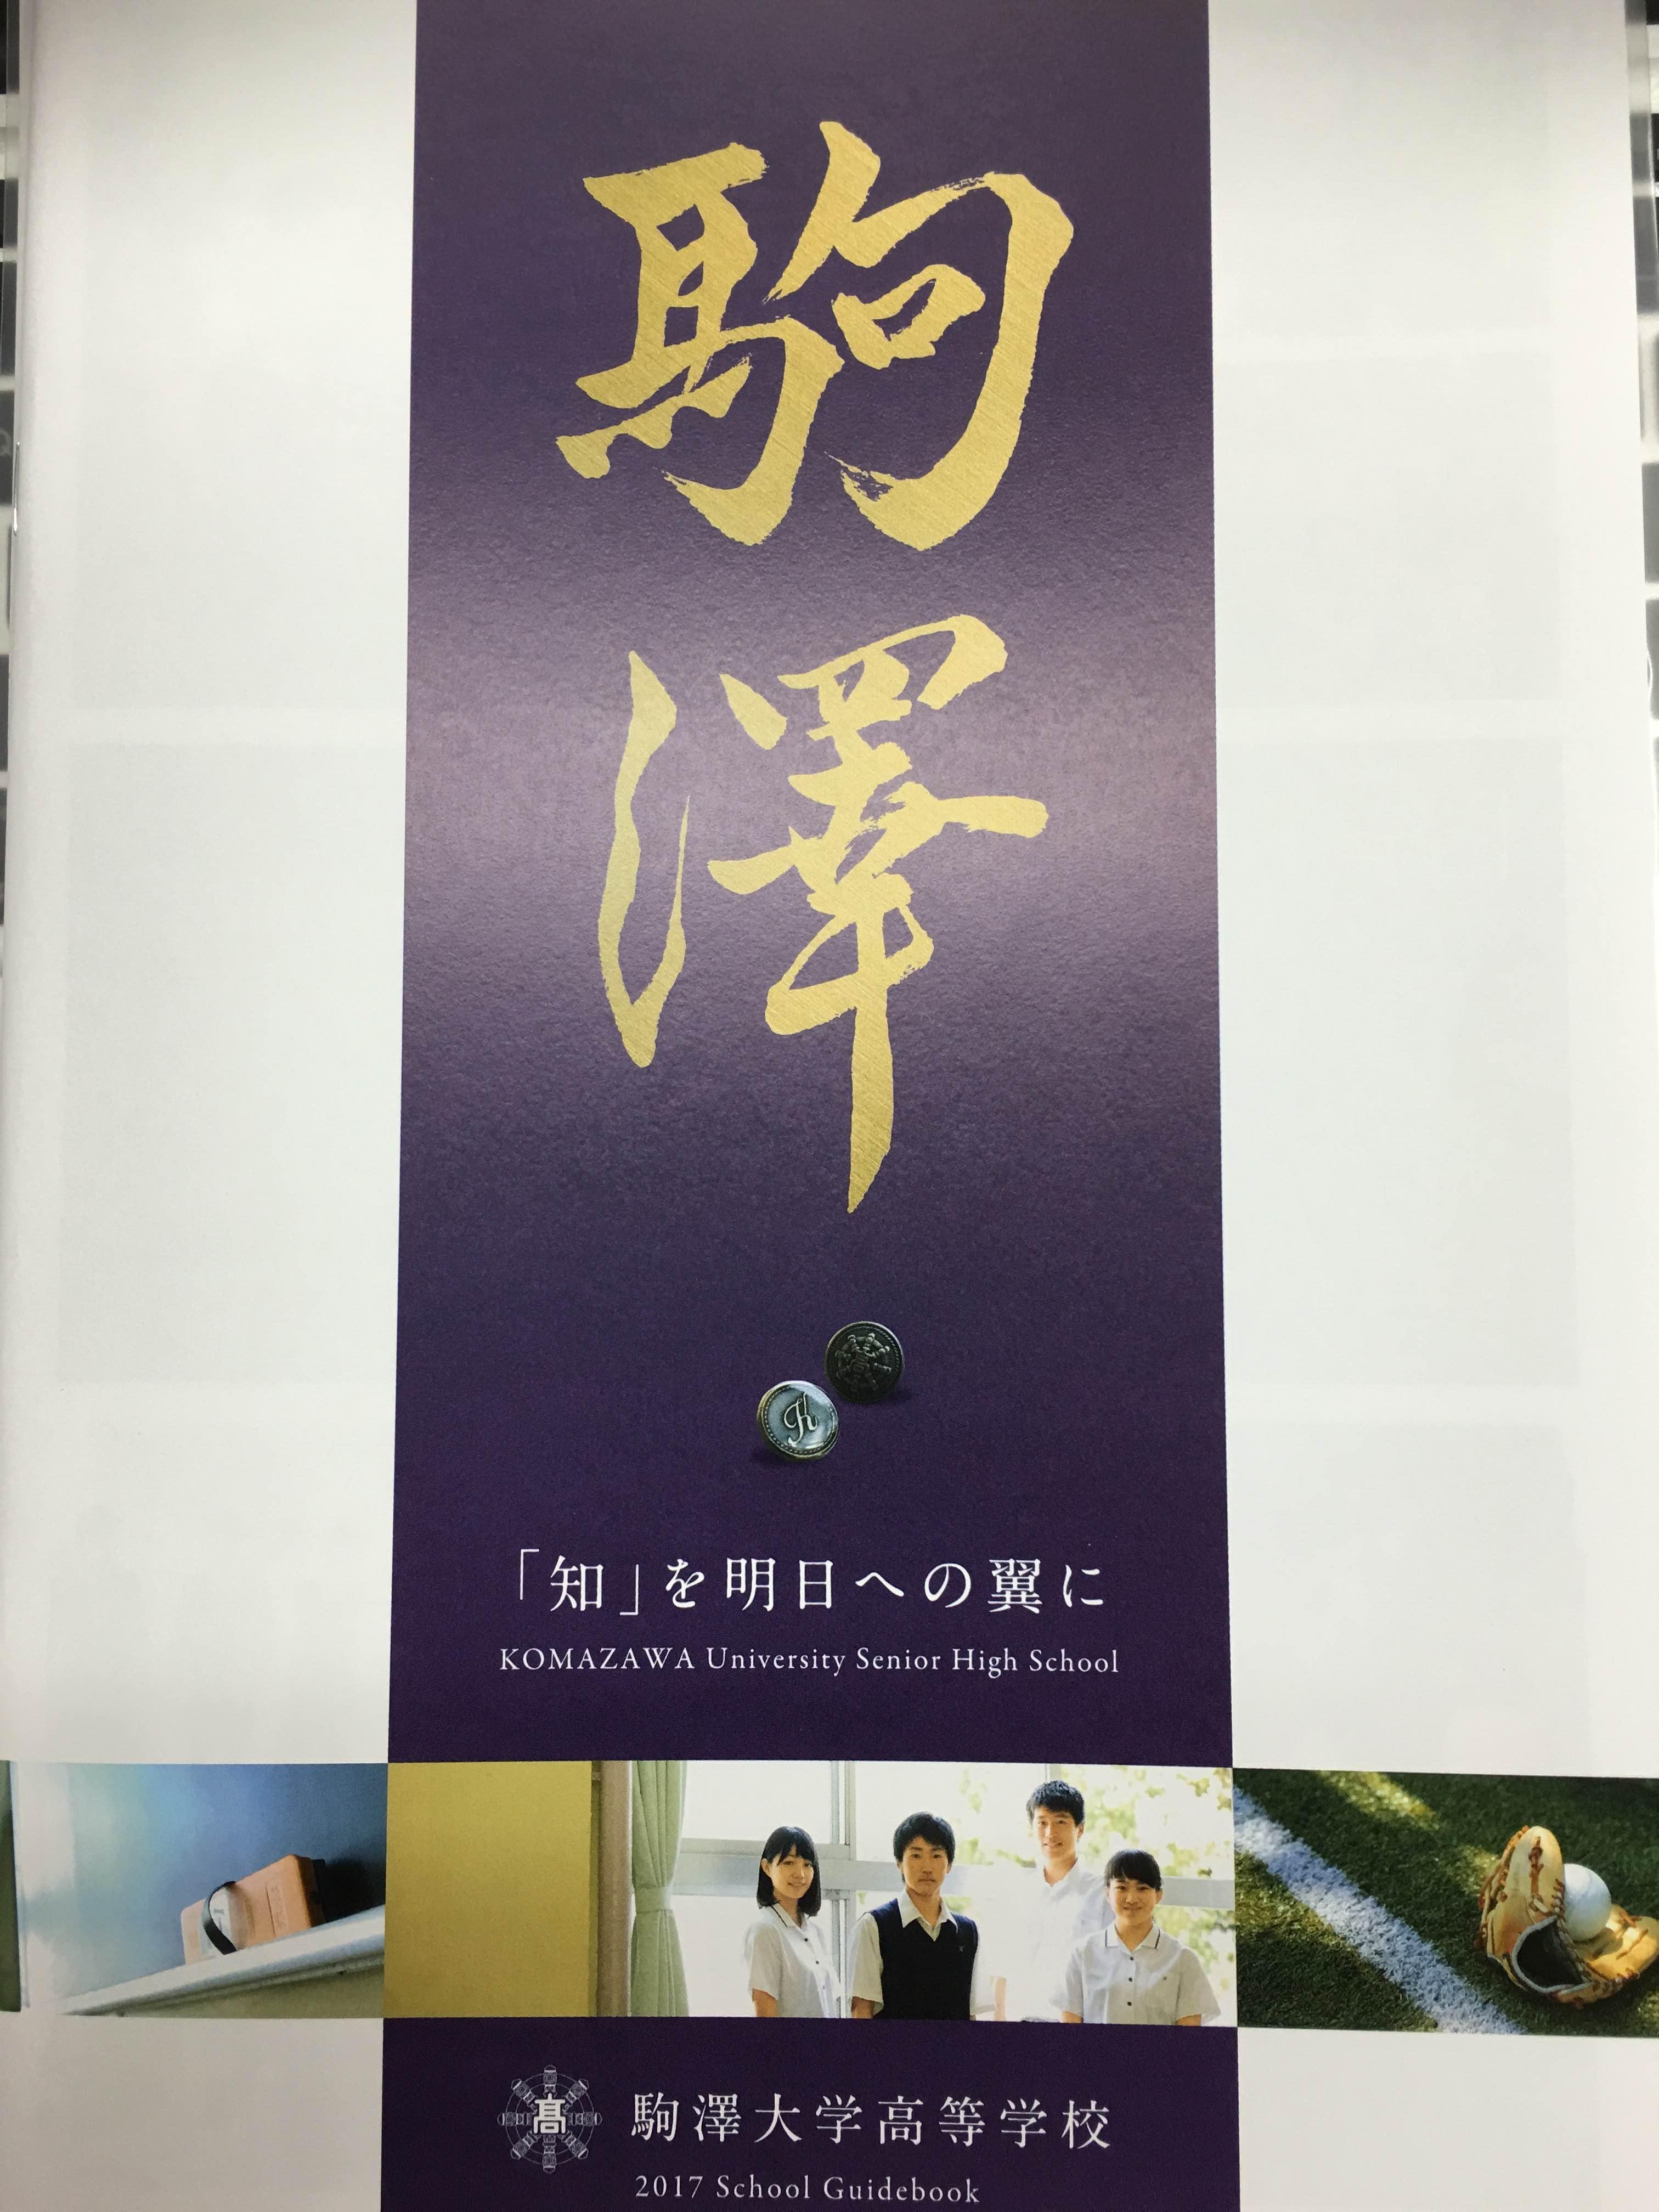 駒沢大学高等学校へ行って参りました!